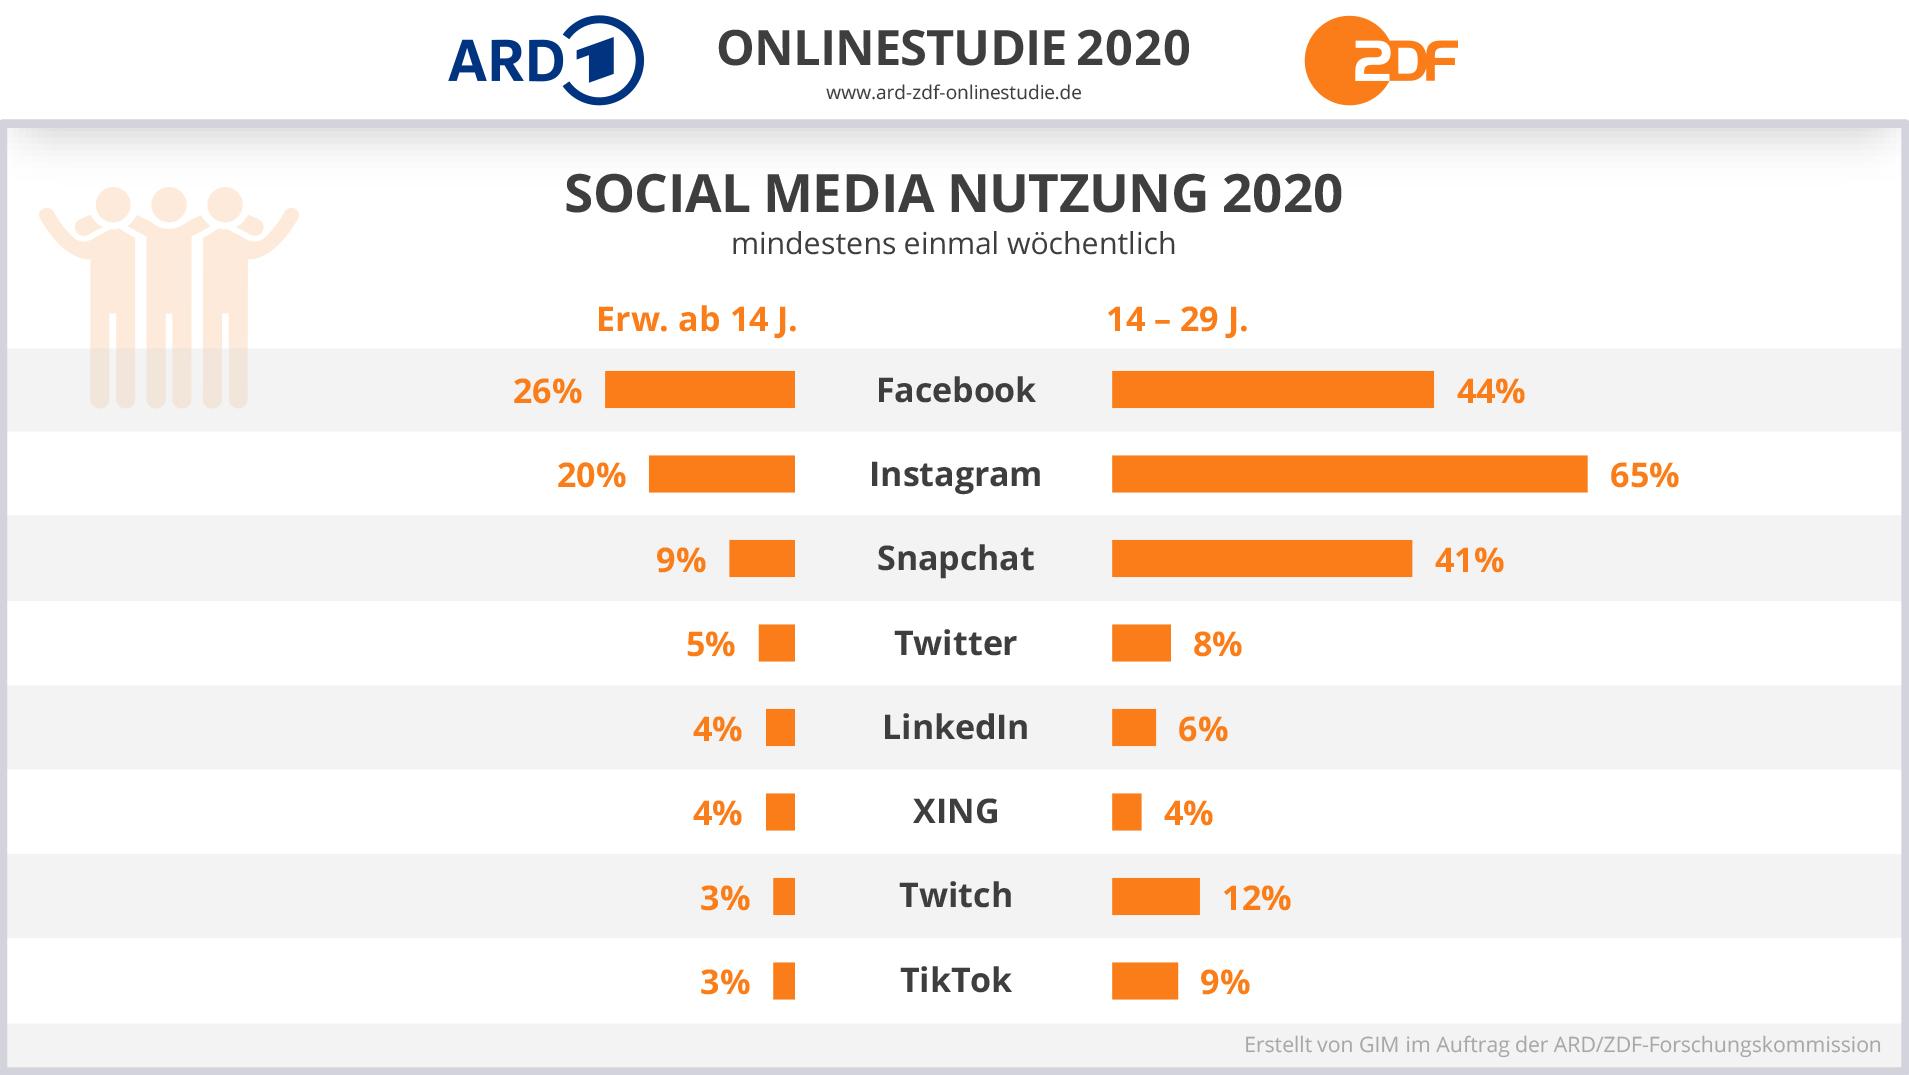 Social Media Nutzung im Überblick